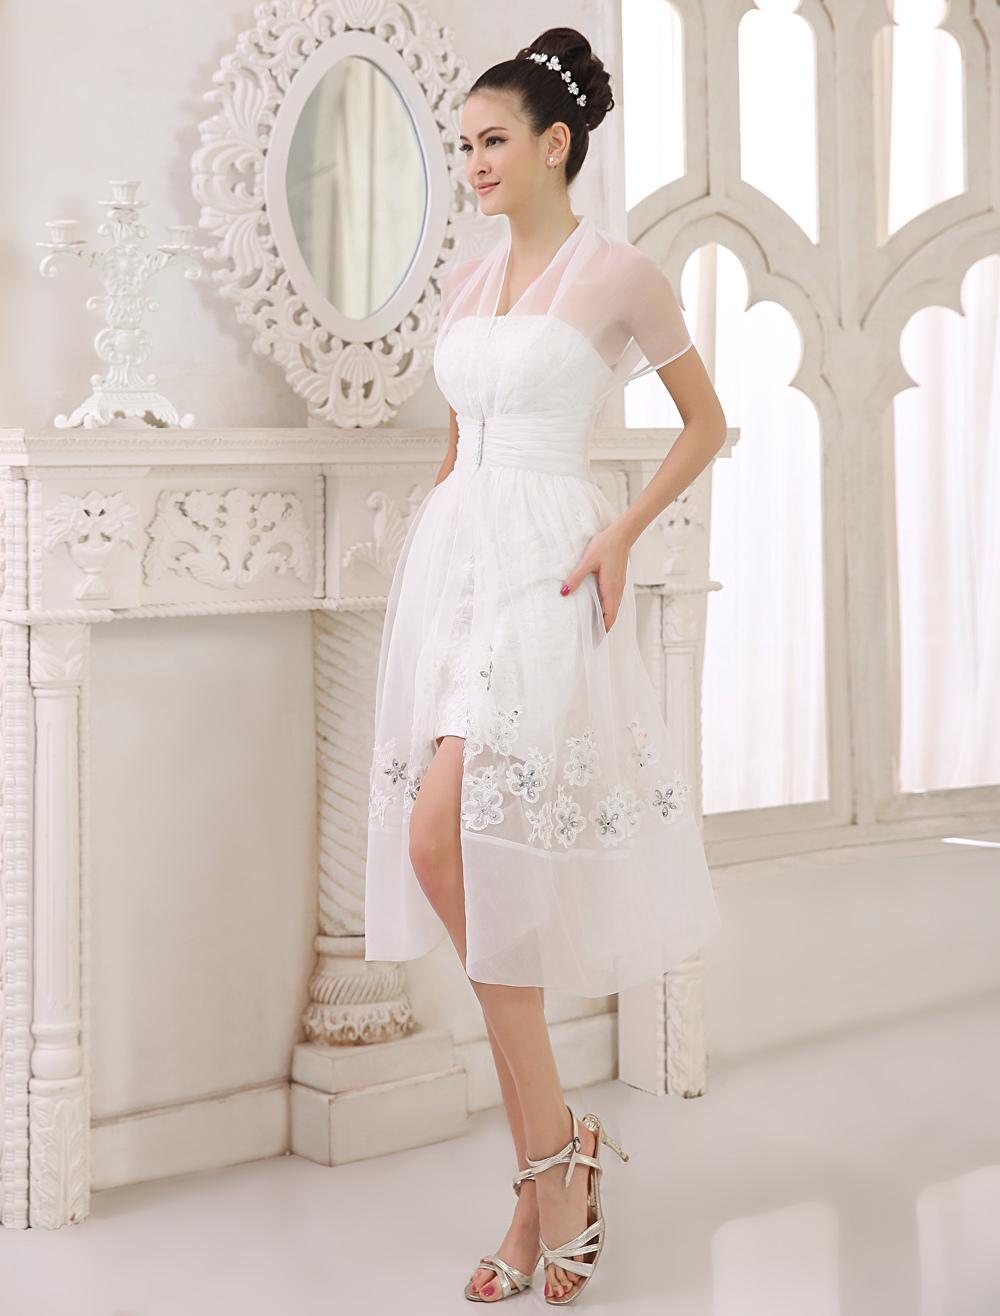 Largo vestido de novia para recepción - Milanoo.com